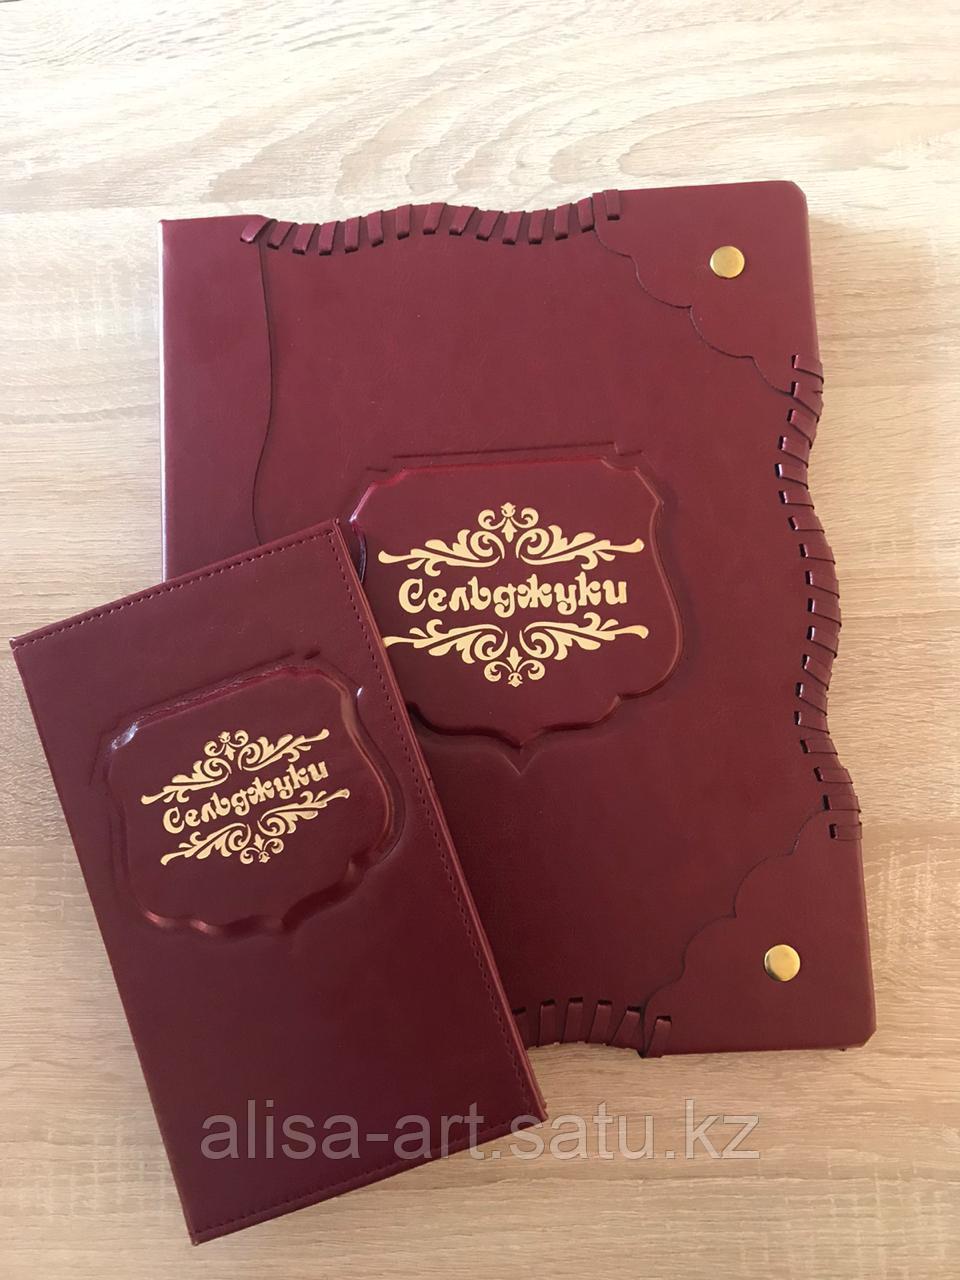 Папки меню, чекбуки, карты вин - фото 1